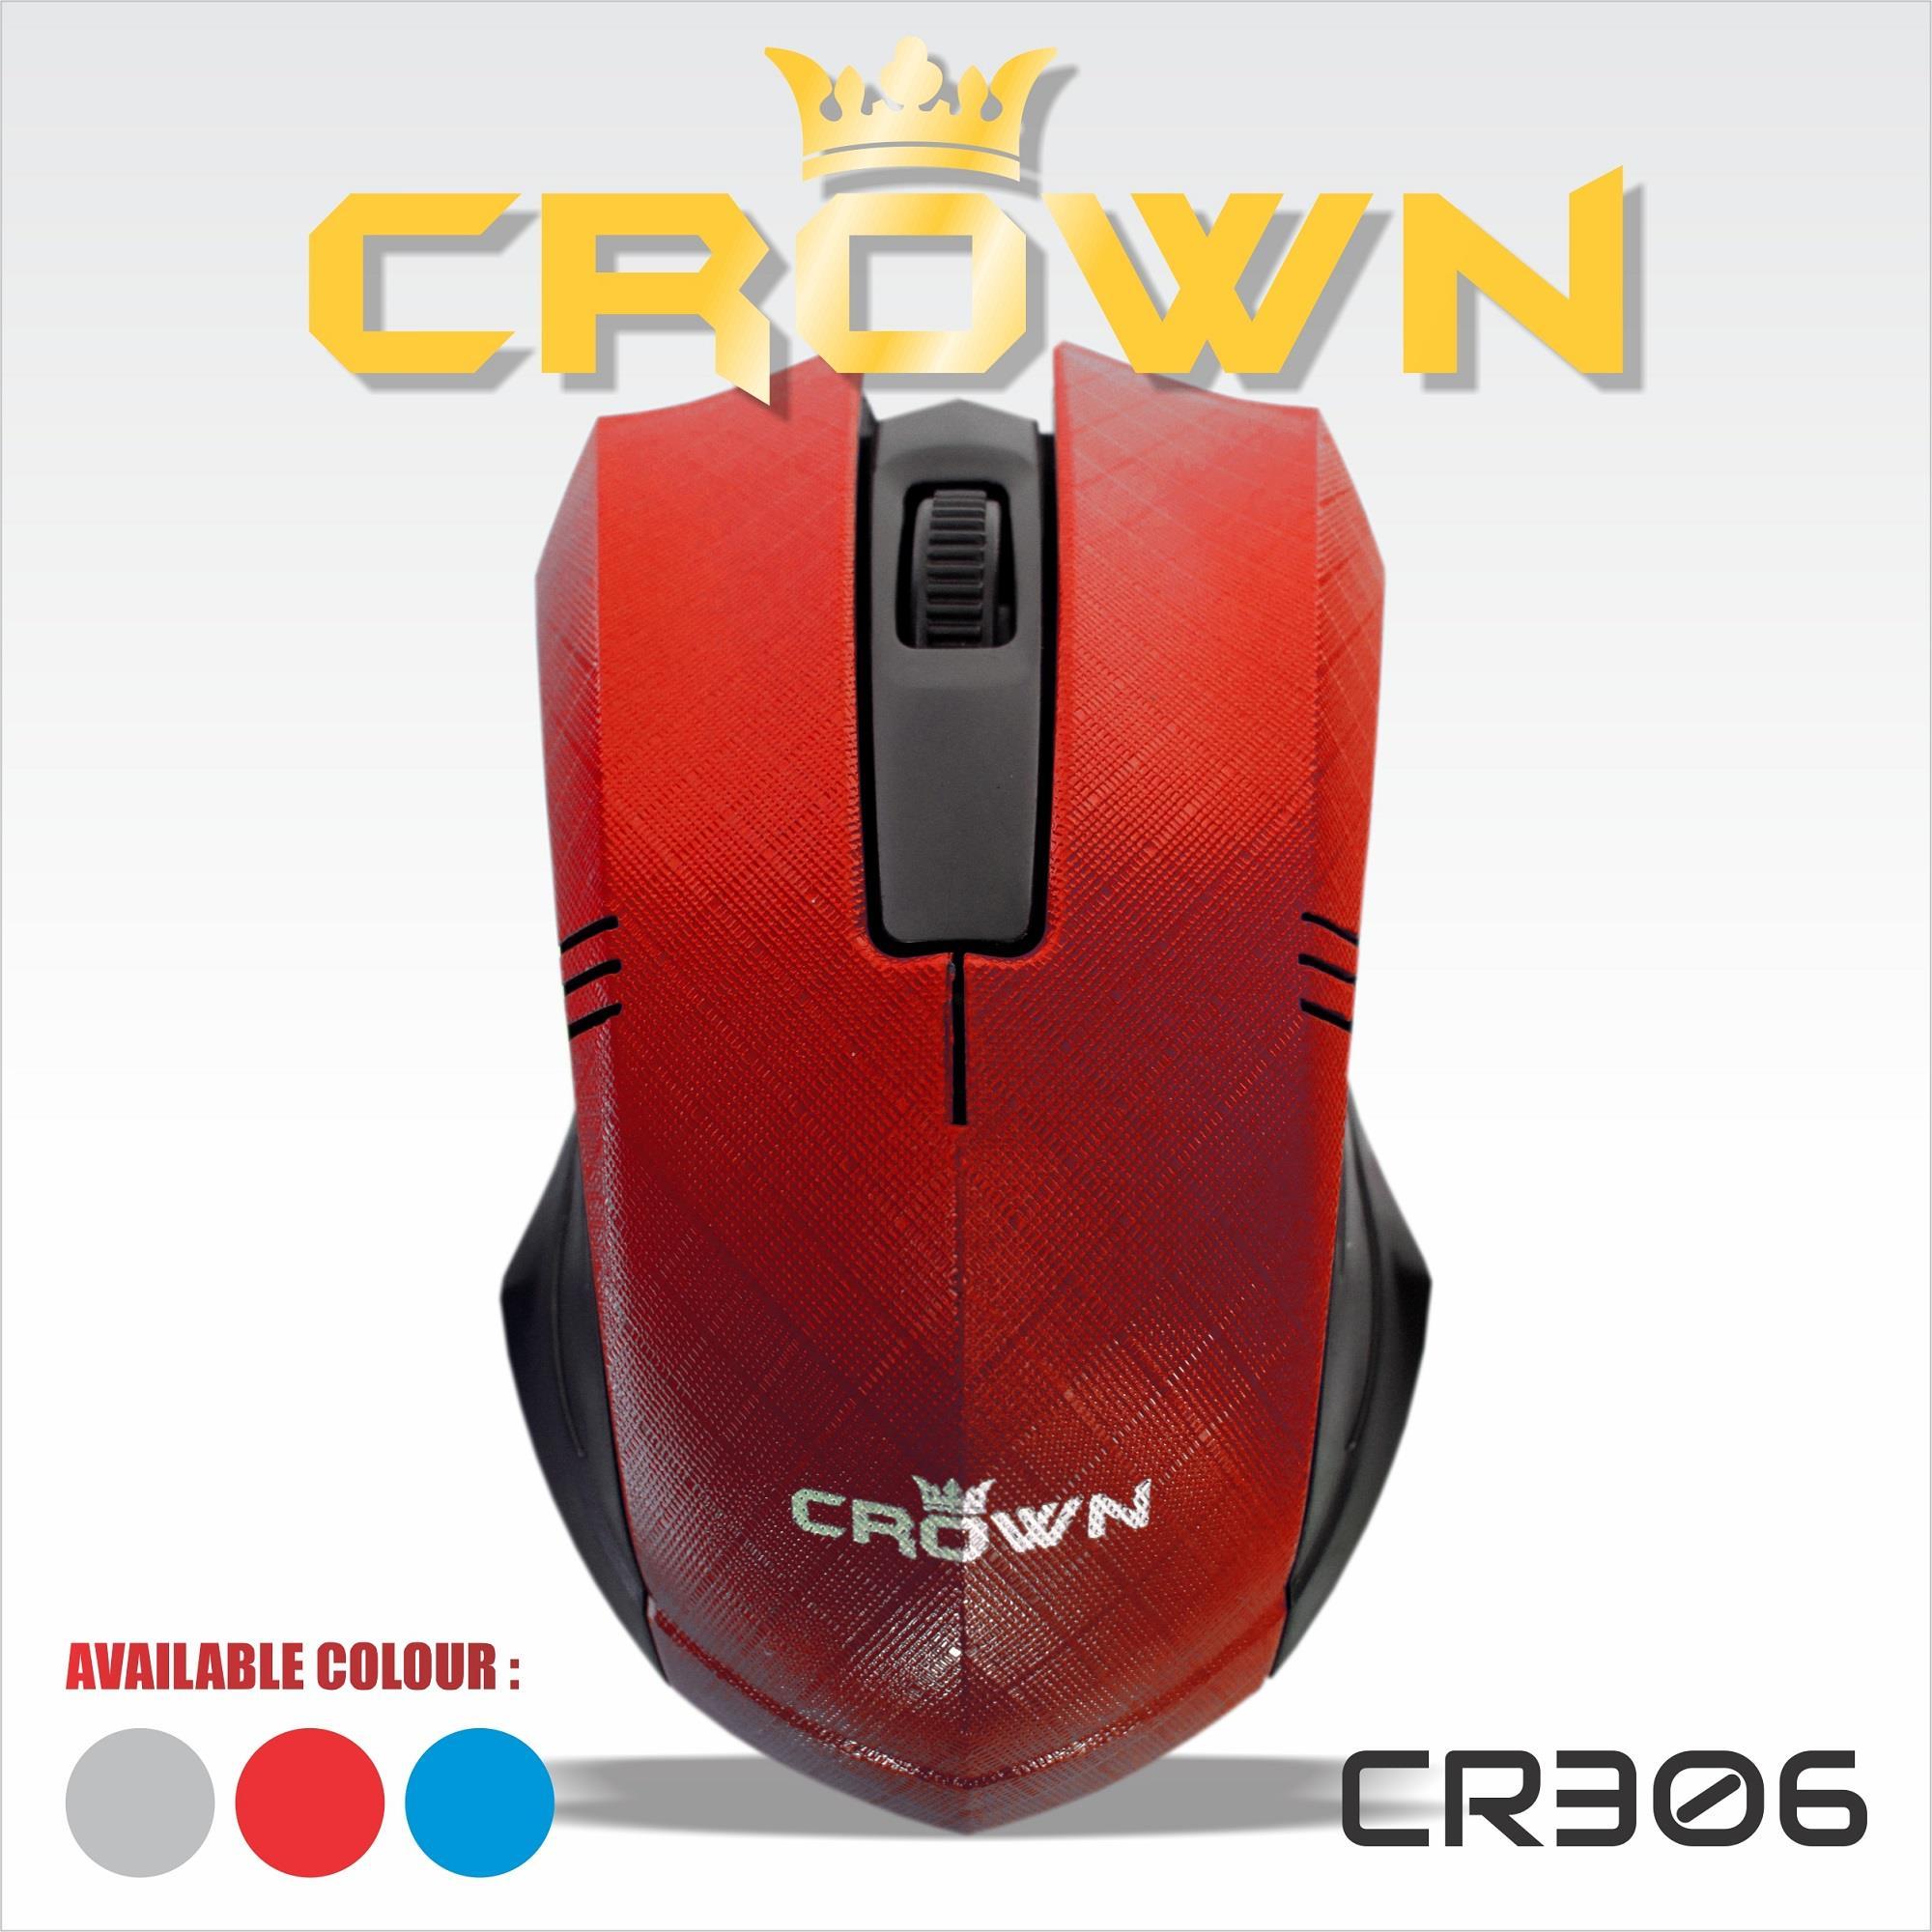 Jual Mouse Komputer Laptop Crown 306 Harga Murah